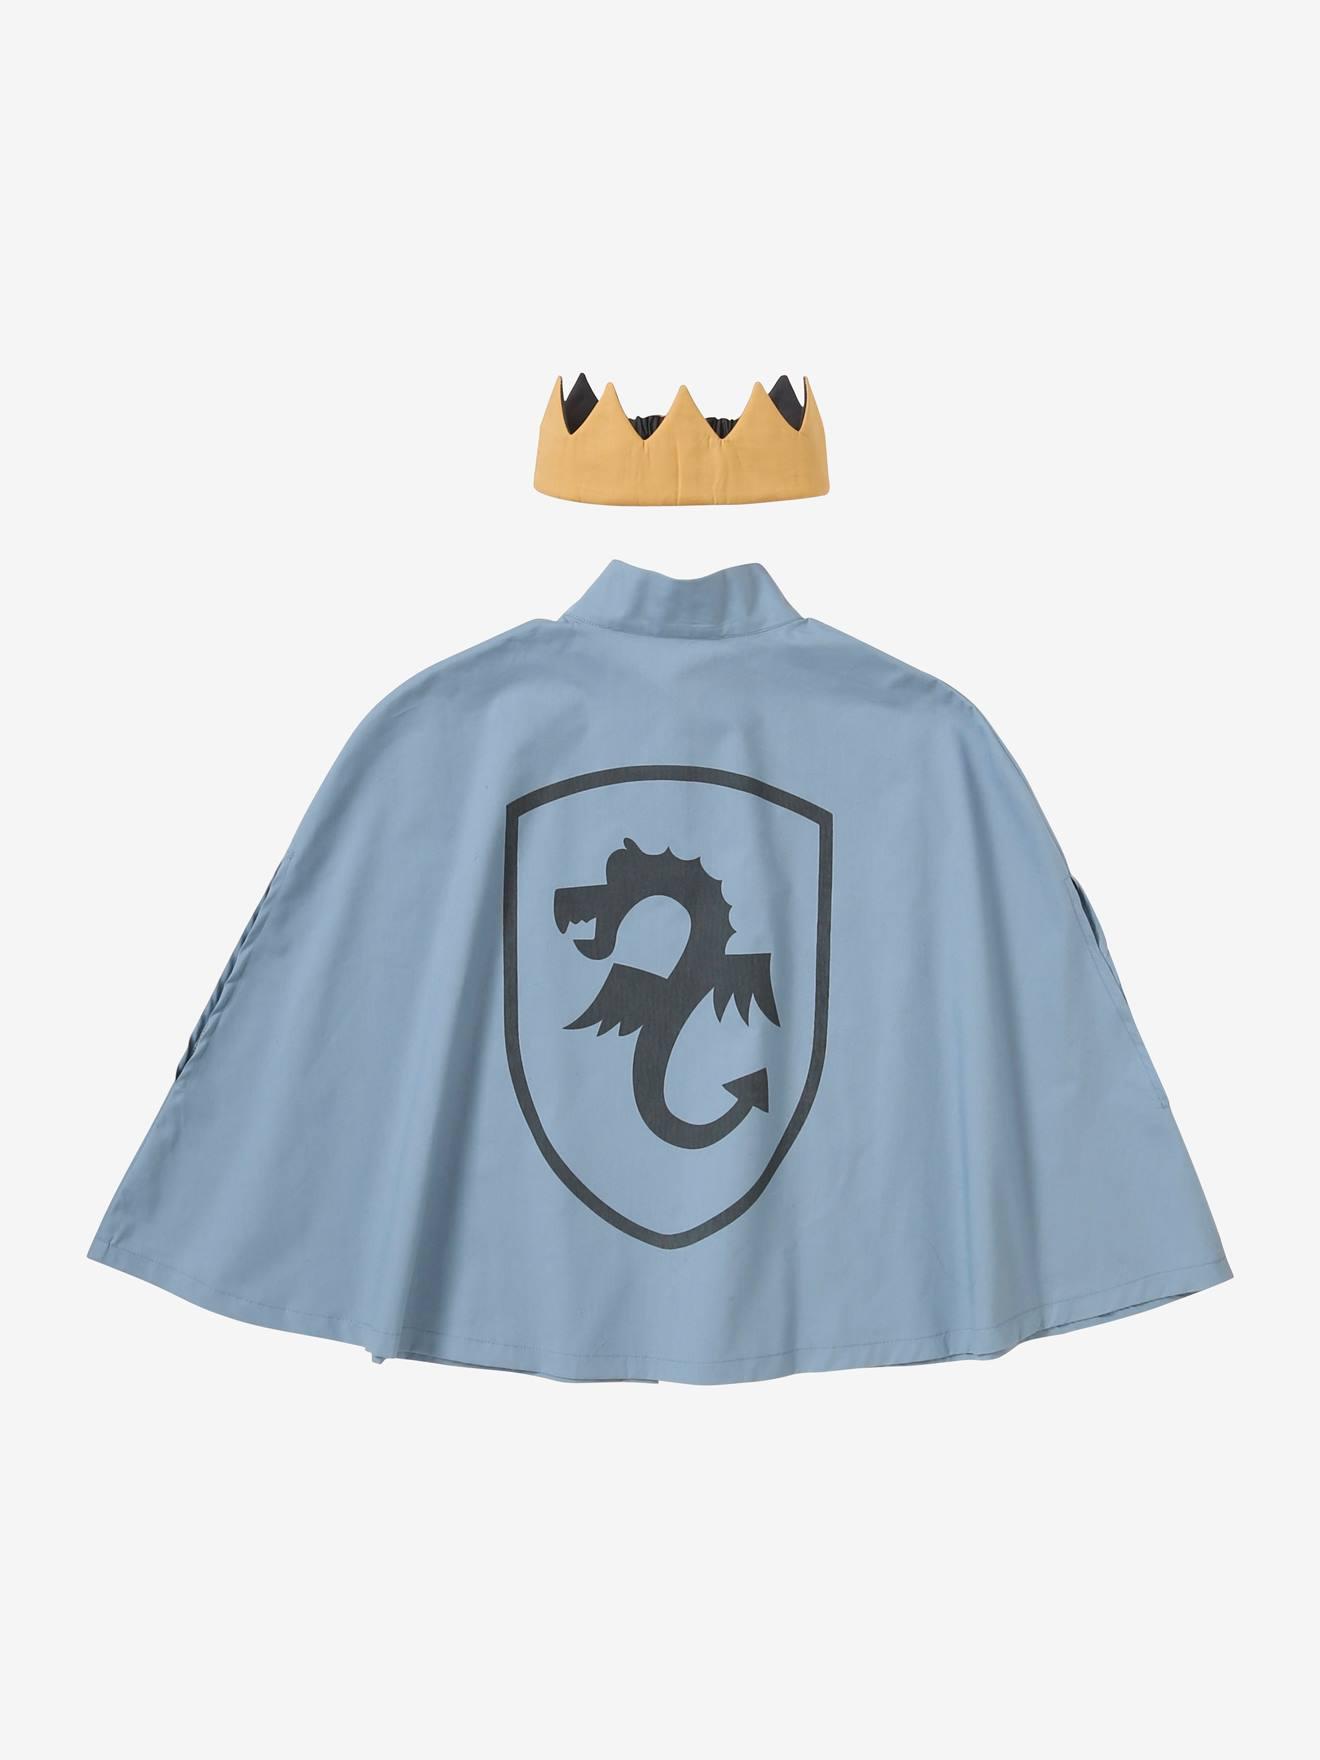 Ritter-Kostüm: Umhang & Krone blau von vertbaudet